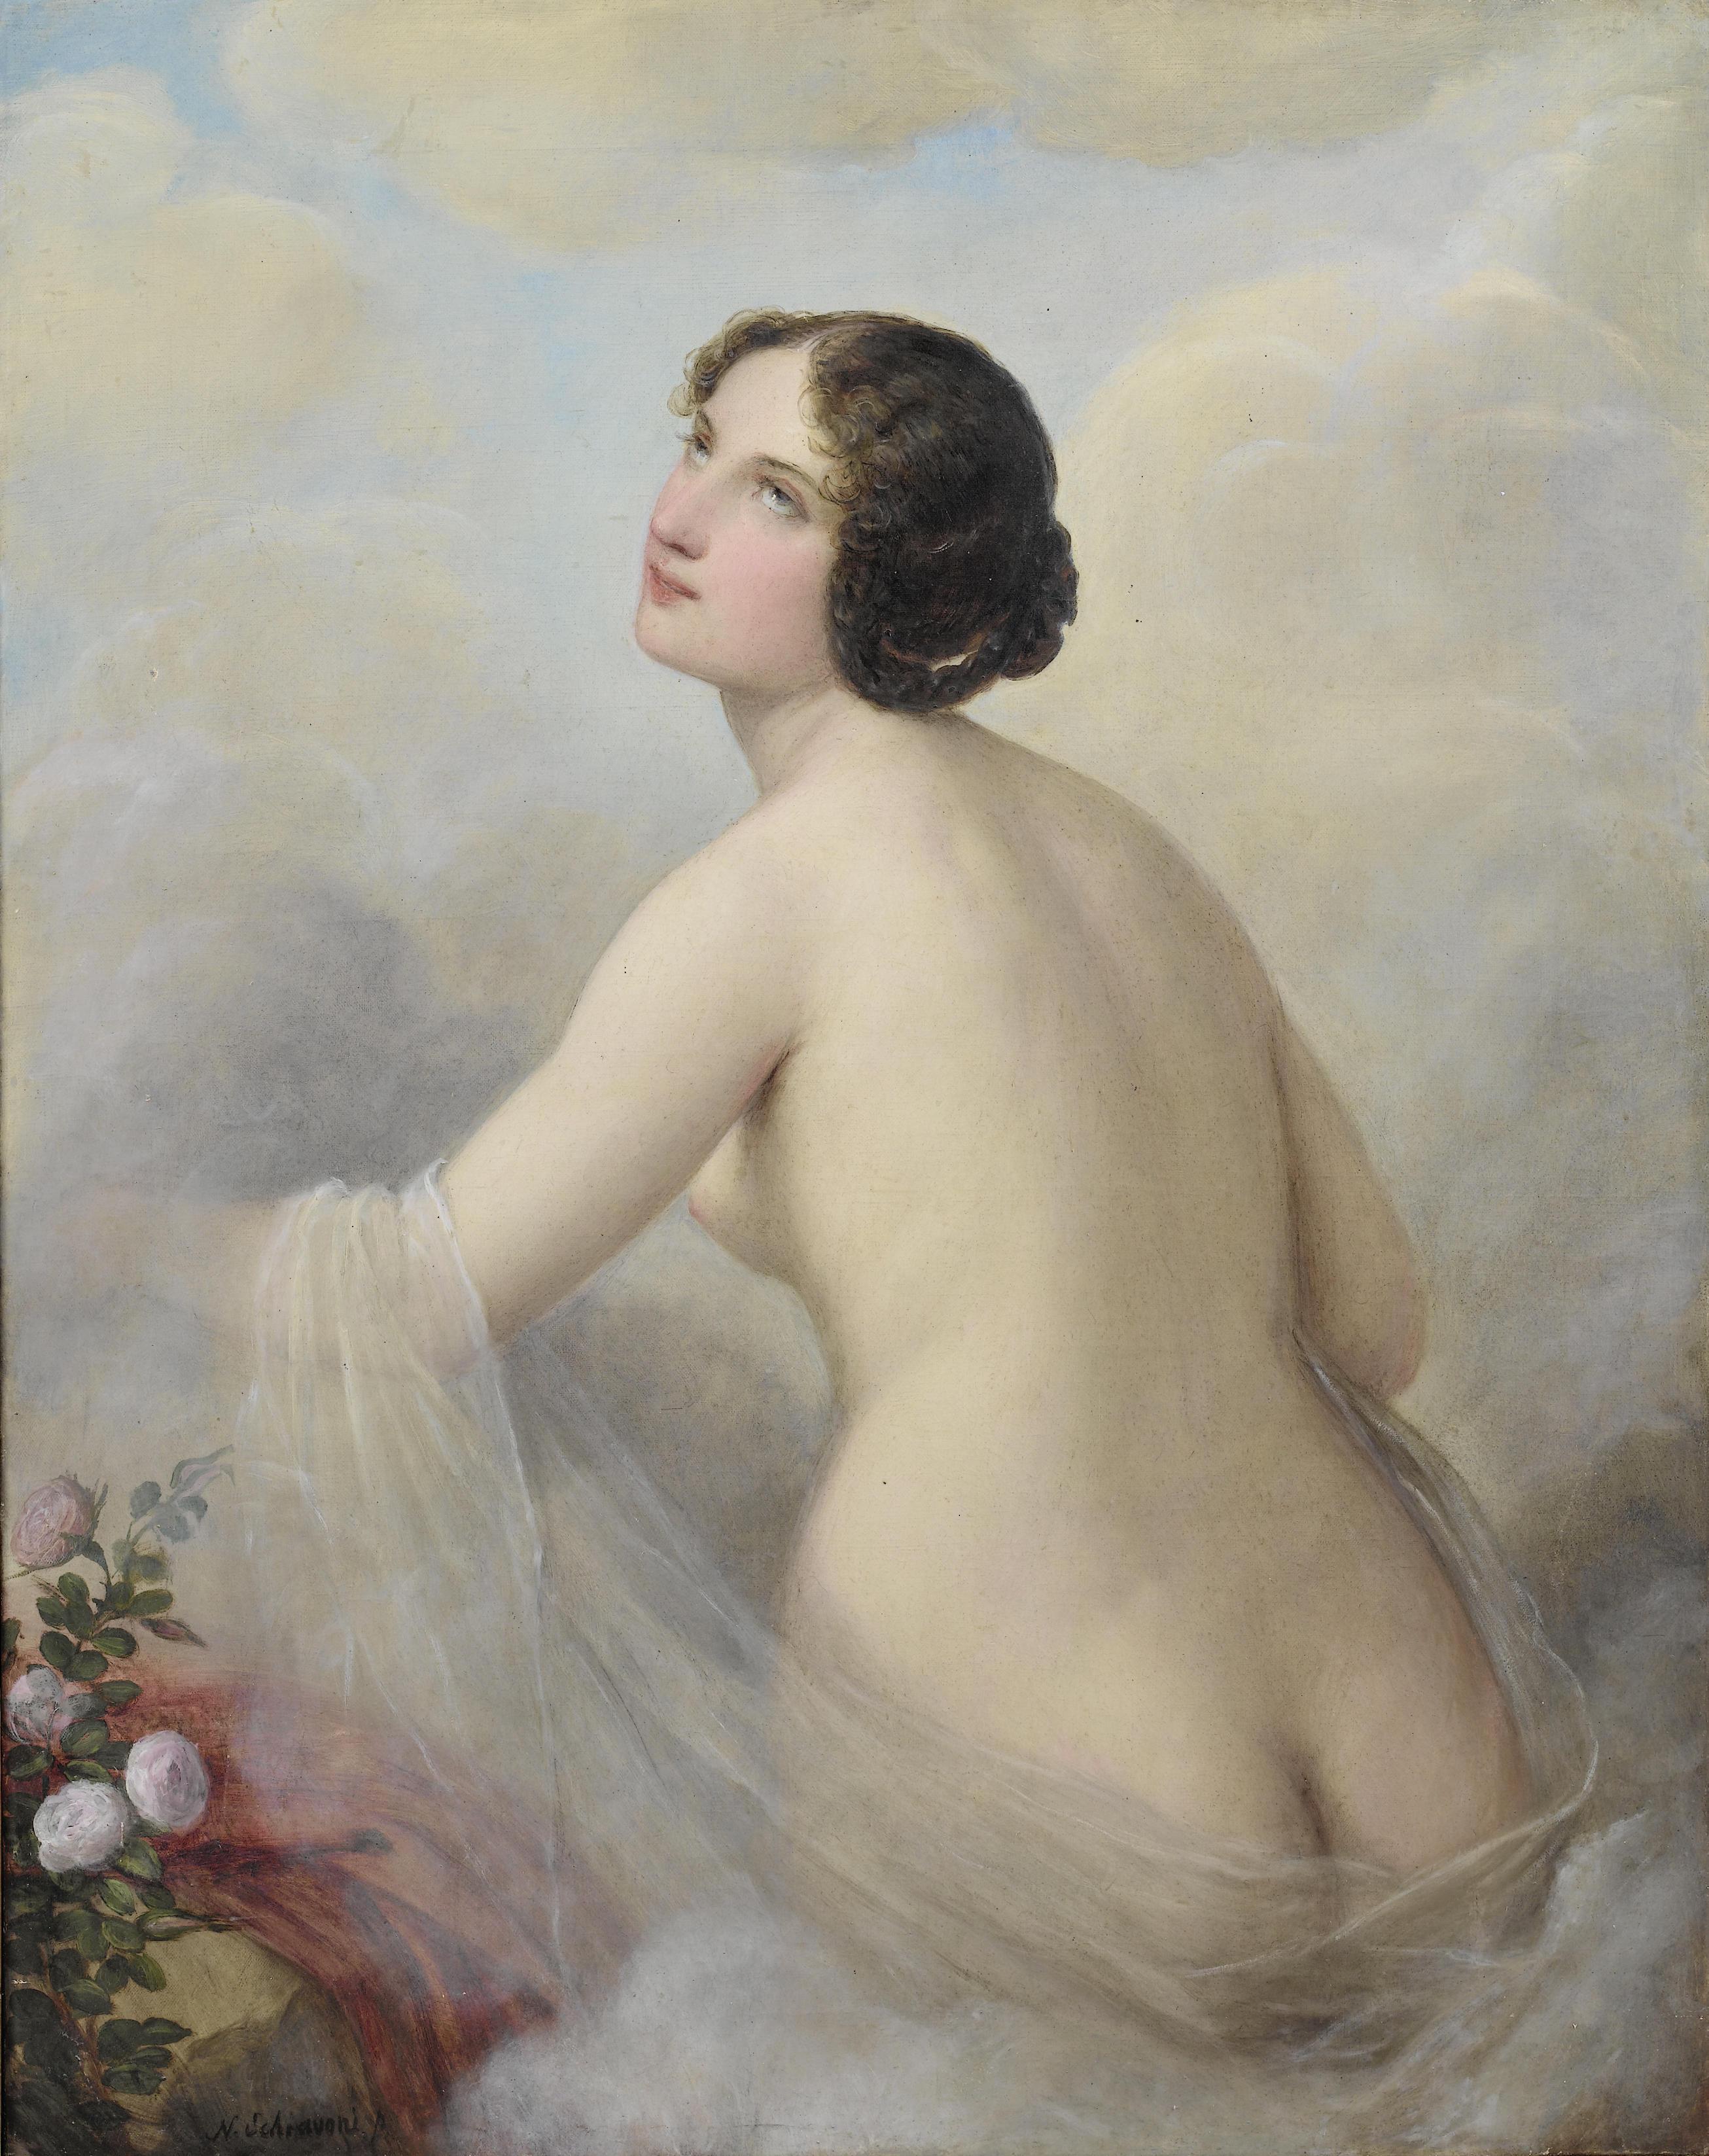 Natale Schiavoni, 1777-1858. Венера. 103 x 81 см. Частная коллекция